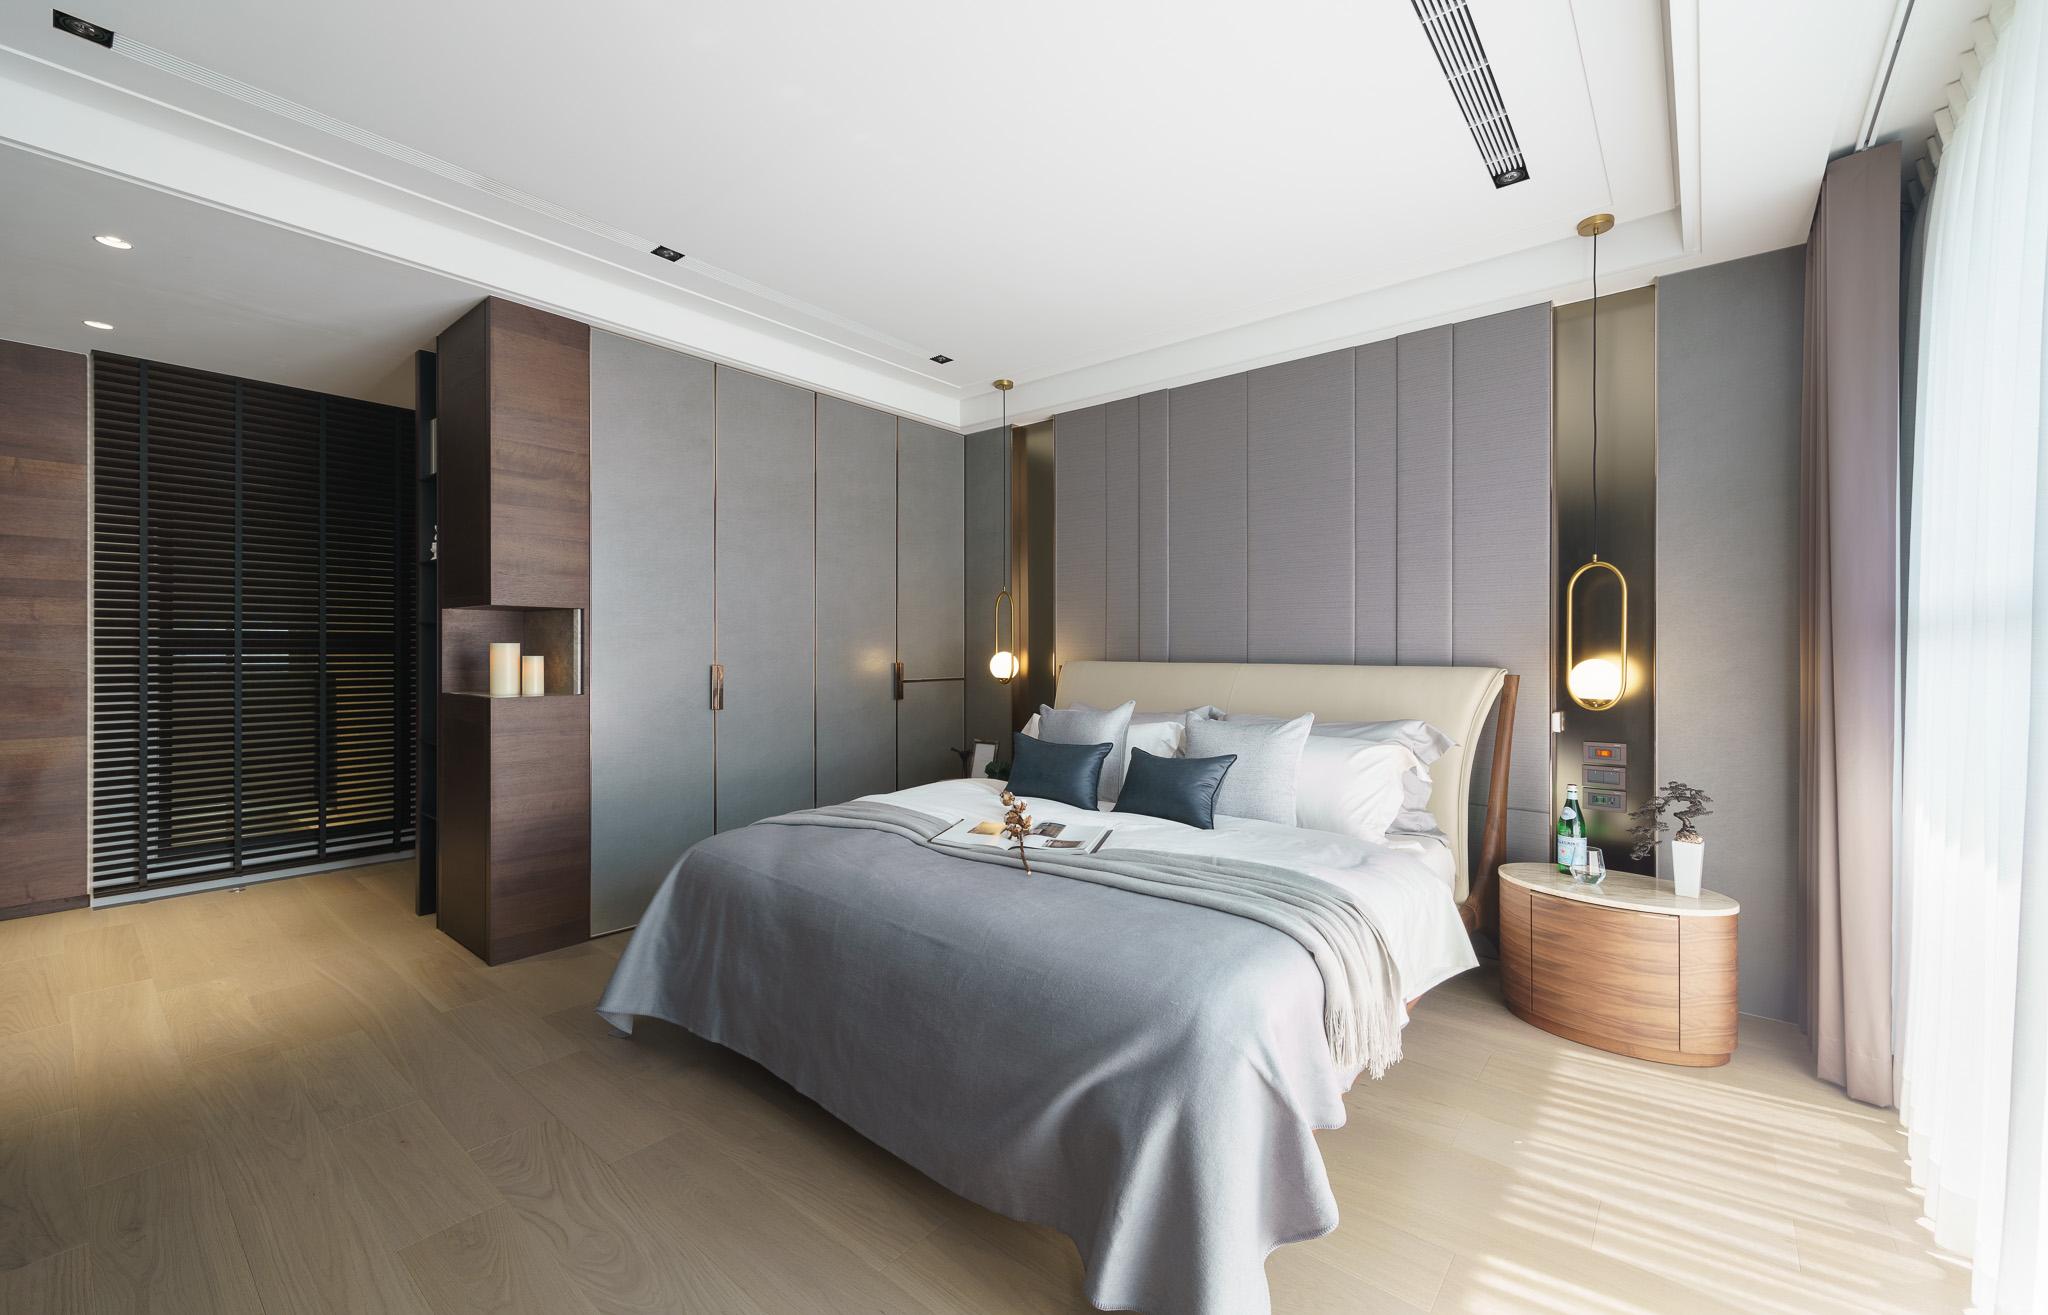 Kiến trúc sư tư vấn thiết kế căn hộ 50m² cho người trẻ độc thân với chi phí 134 triệu đồng - Ảnh 8.